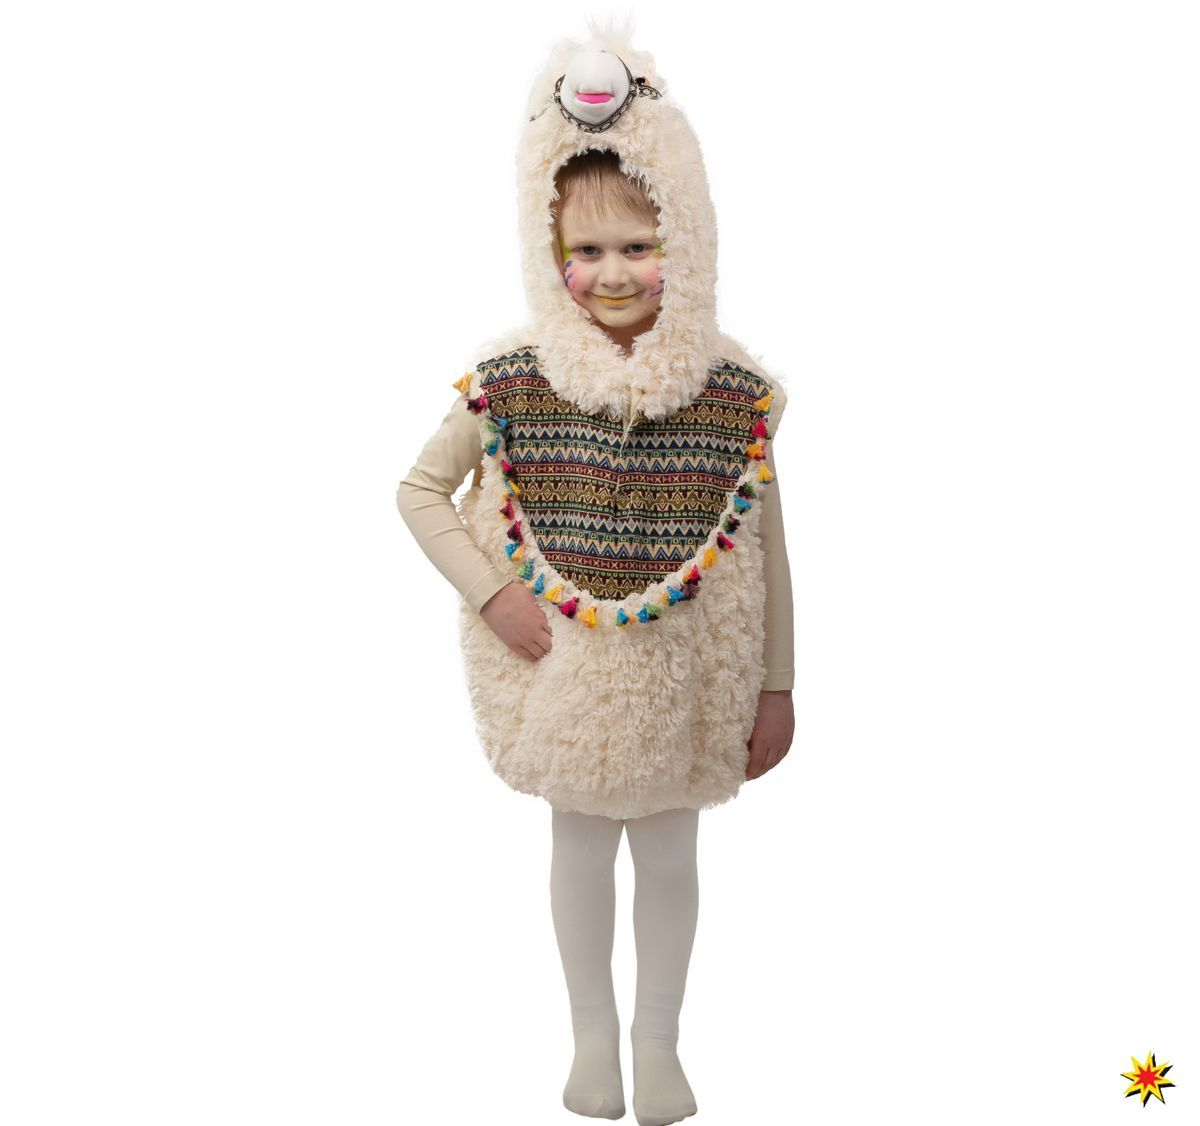 Kinder Kostum Lama Alpaka Lavette Kinder Kostum Lama Alpaka